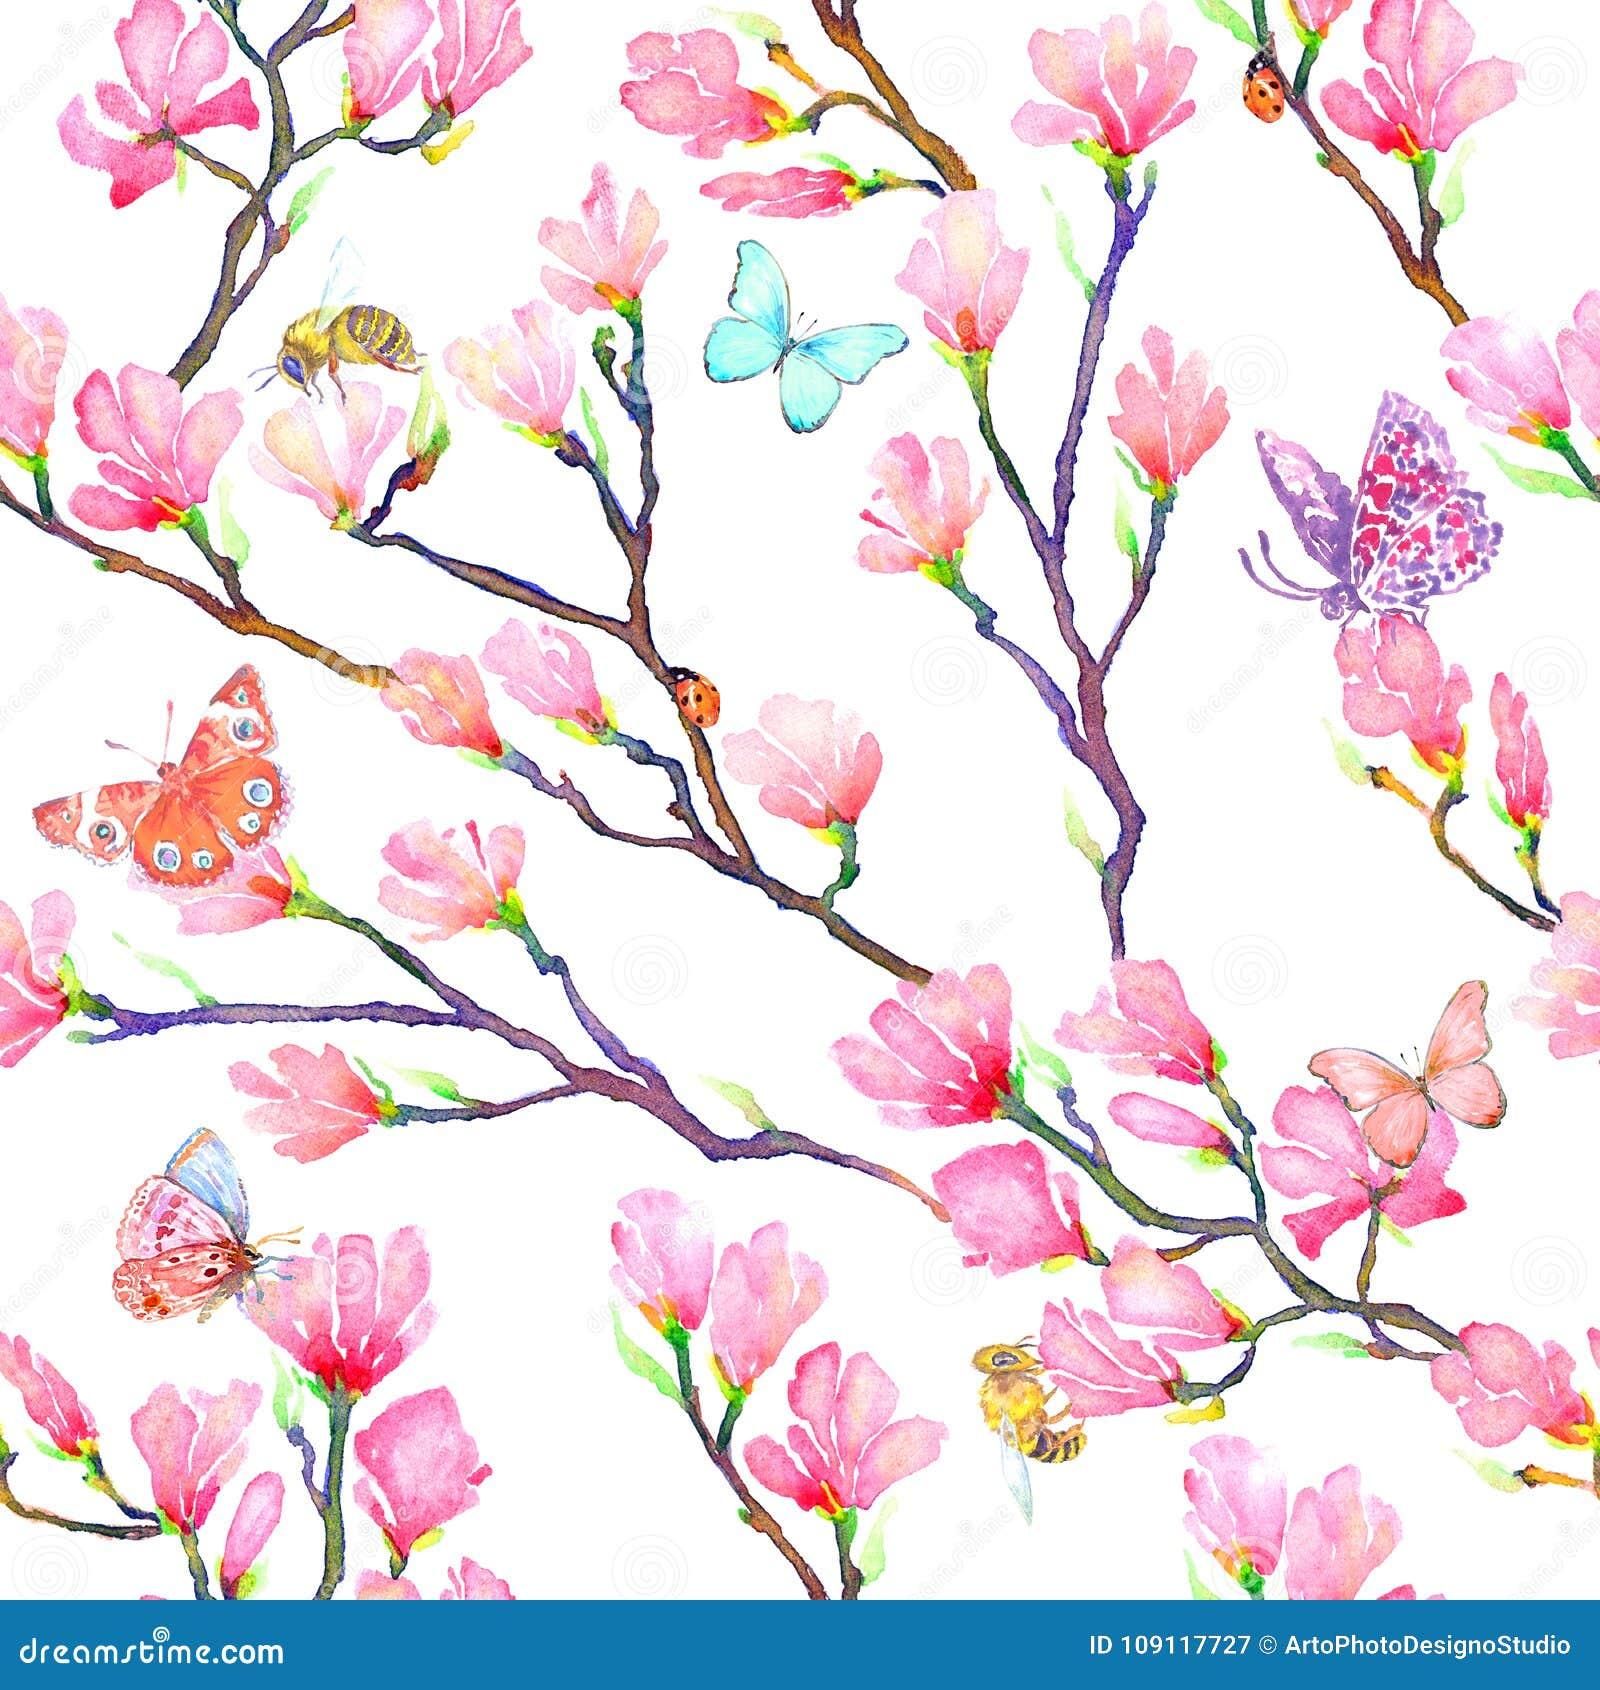 Rosa Magnolie verzweigt sich mit Schmetterlingen, Wanzen, Marienkäfern und Bienen